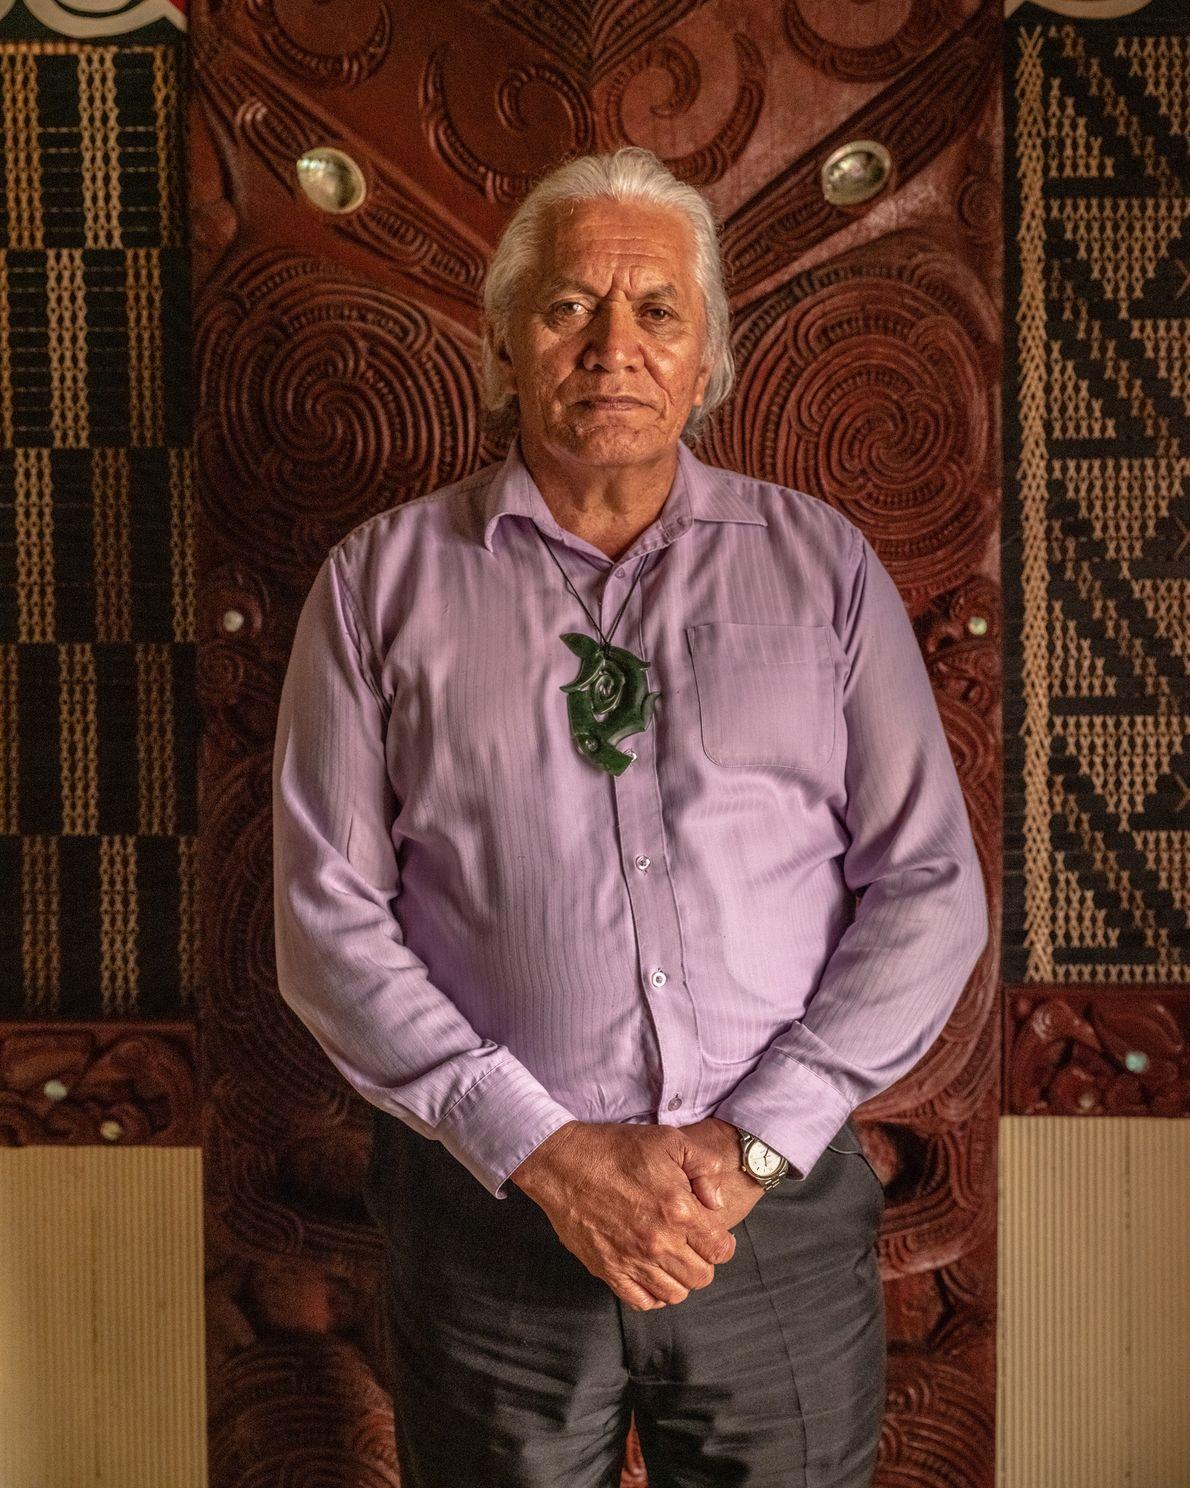 Te Taru White, ein kaumatua (einer der Ältesten in der Māori-Gesellschaft, dem viel Respekt entgegengebracht wird), ...